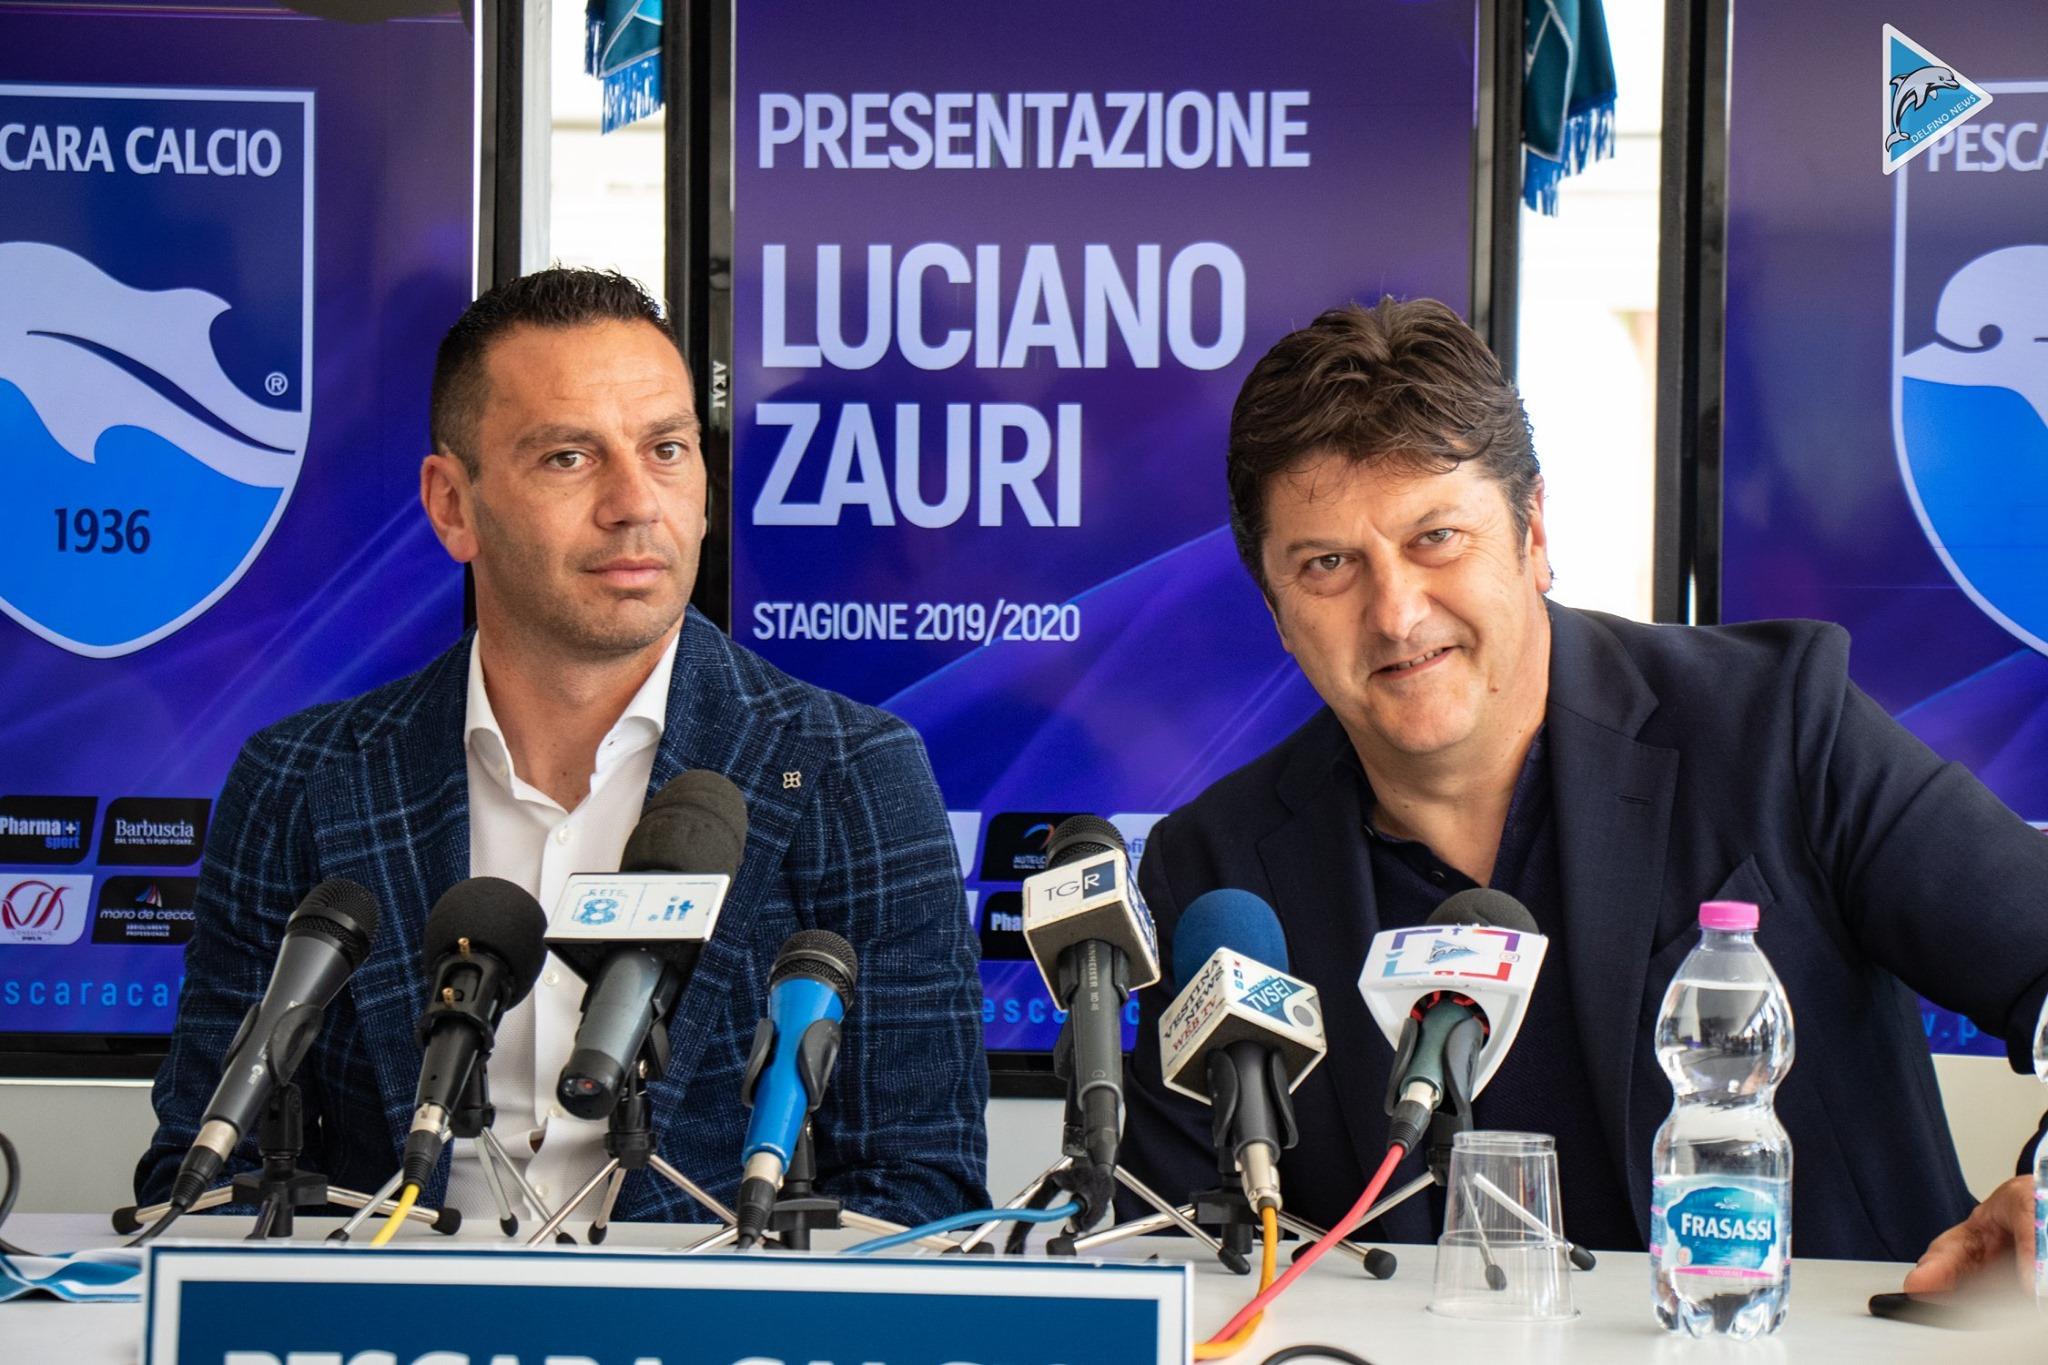 Ufficiale, presentato Luciano Zauri. L'ex difensore pescinese è il nuovo allenatore del Pescara.